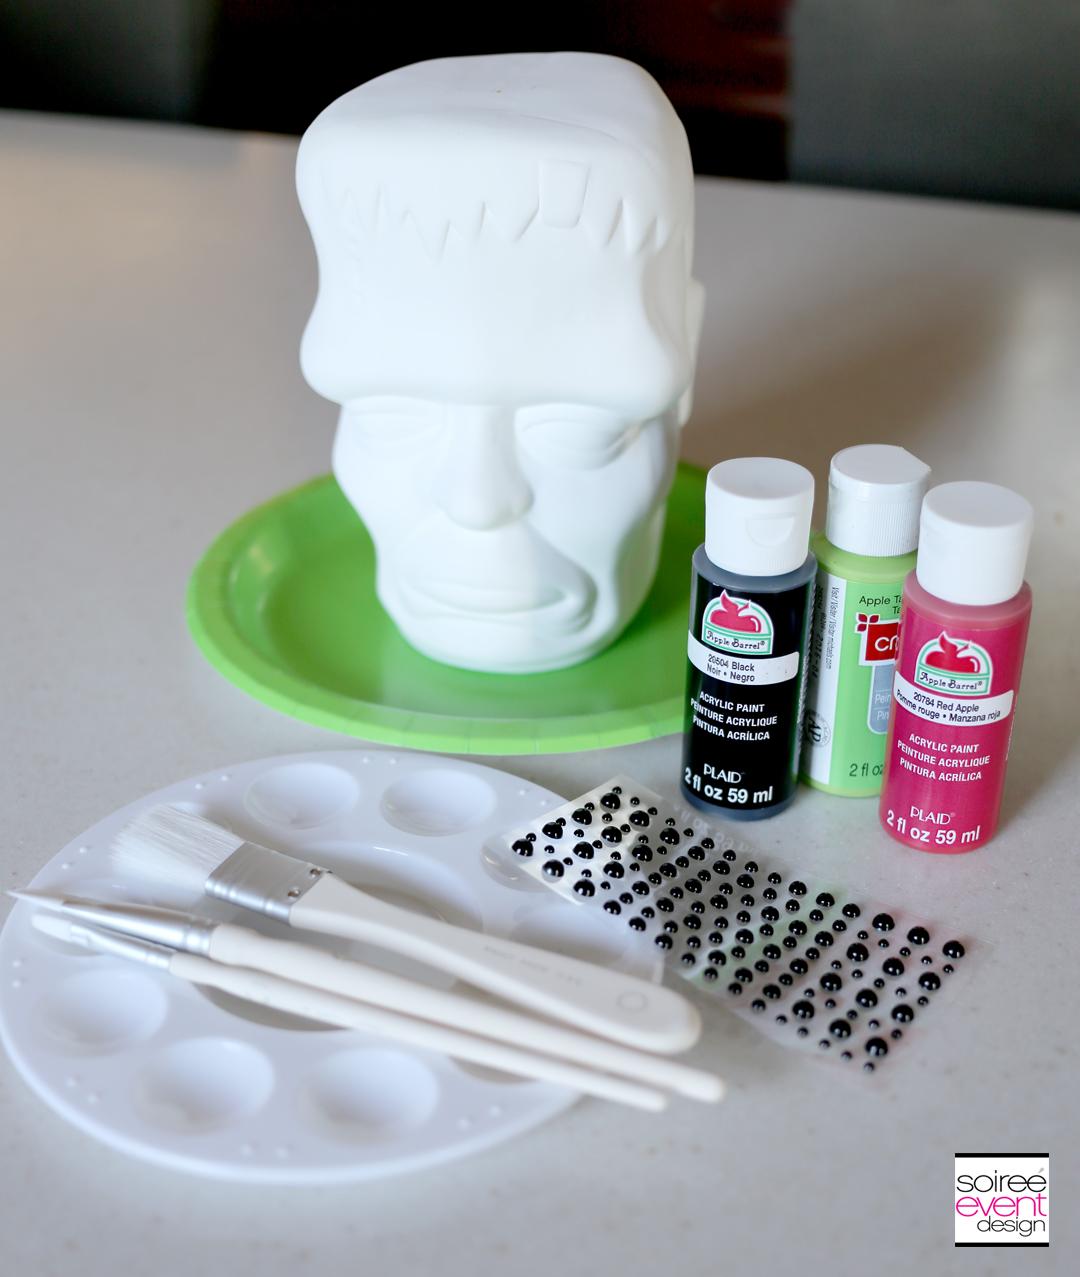 diy-frankenstein-pedestal-supplies